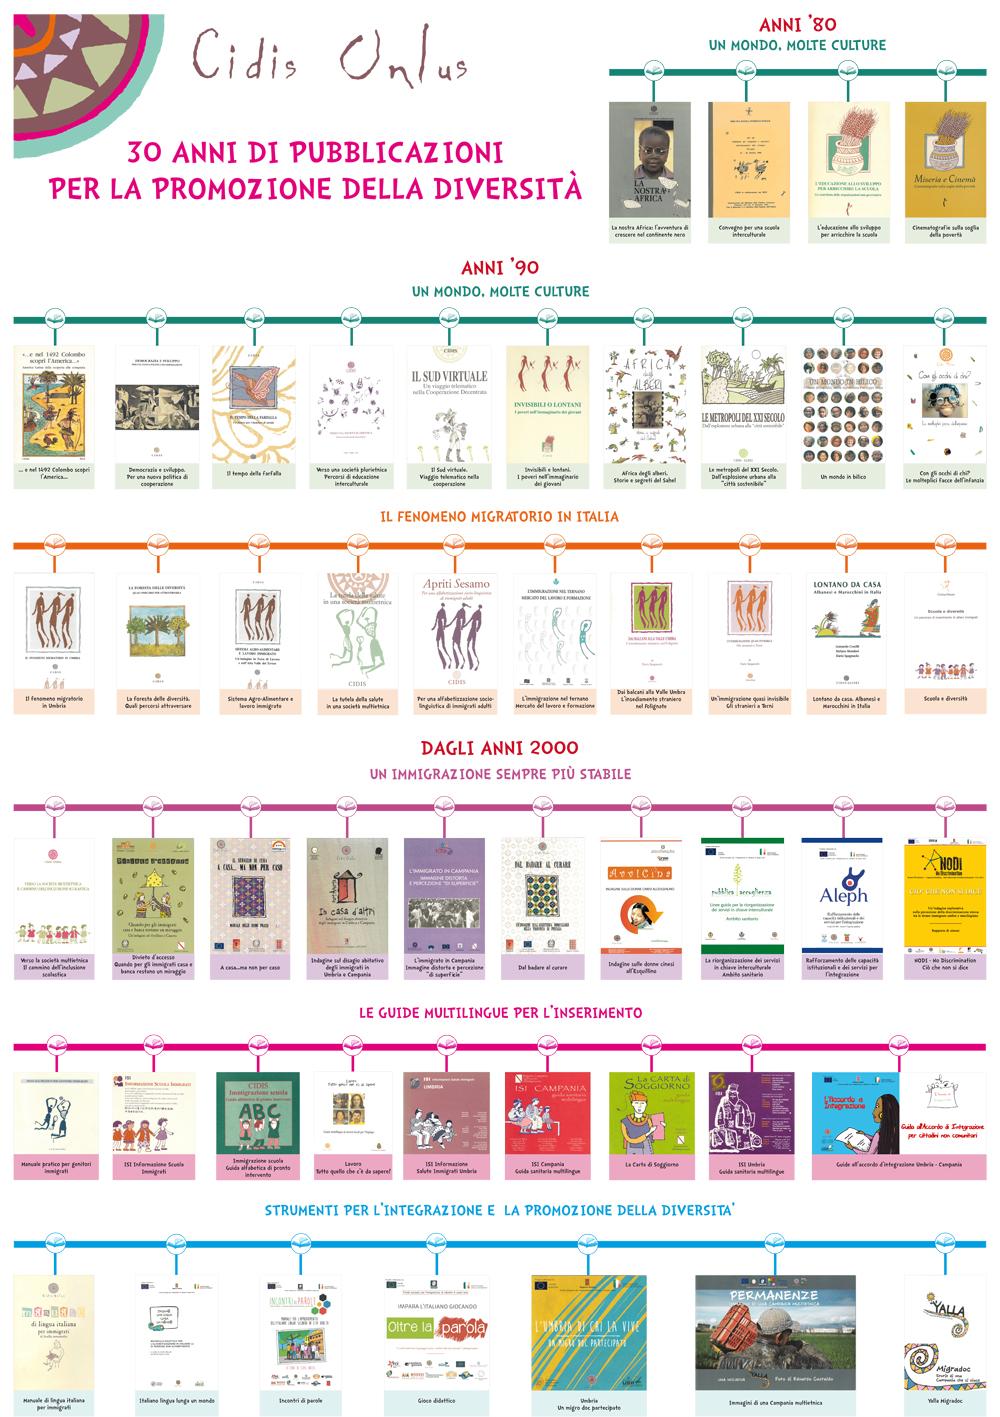 30-anni-di-pubblicazioni-Cidis